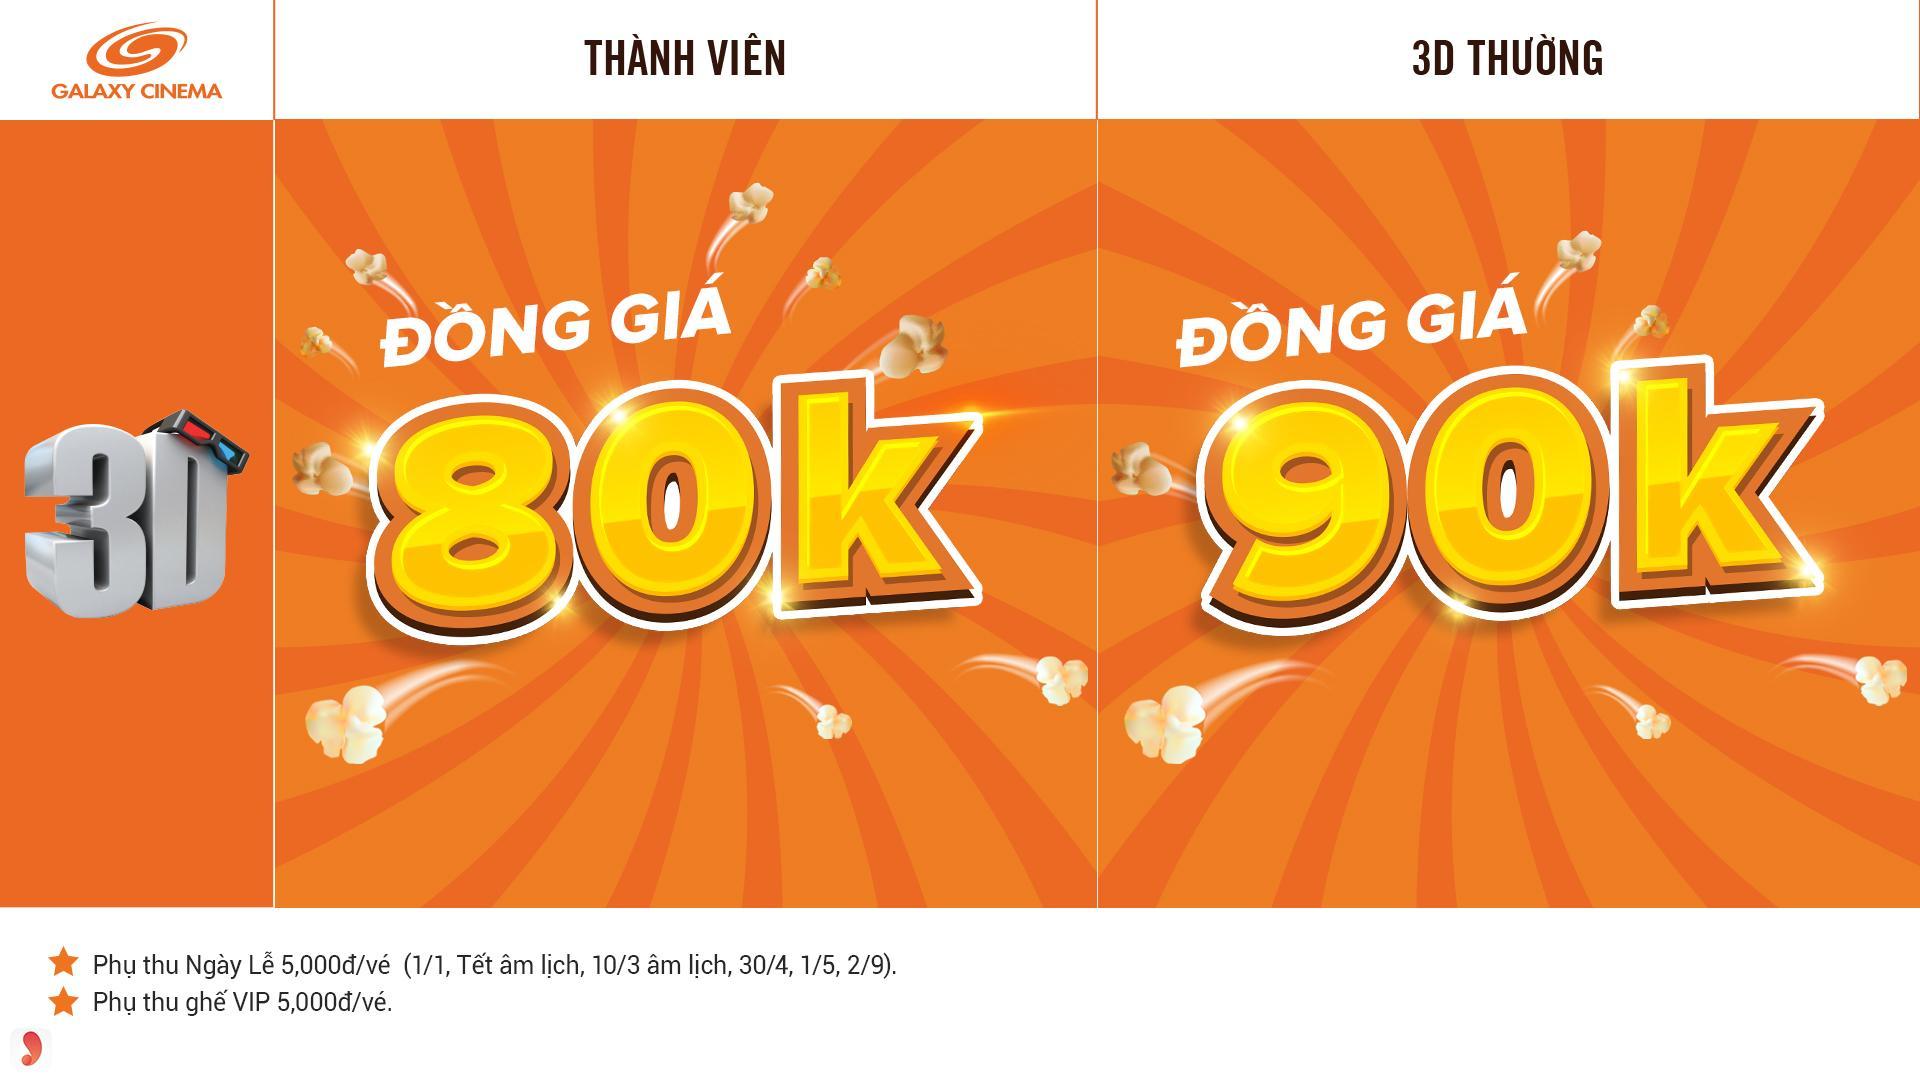 Giá vé tại Galaxy Quang Trung - 2